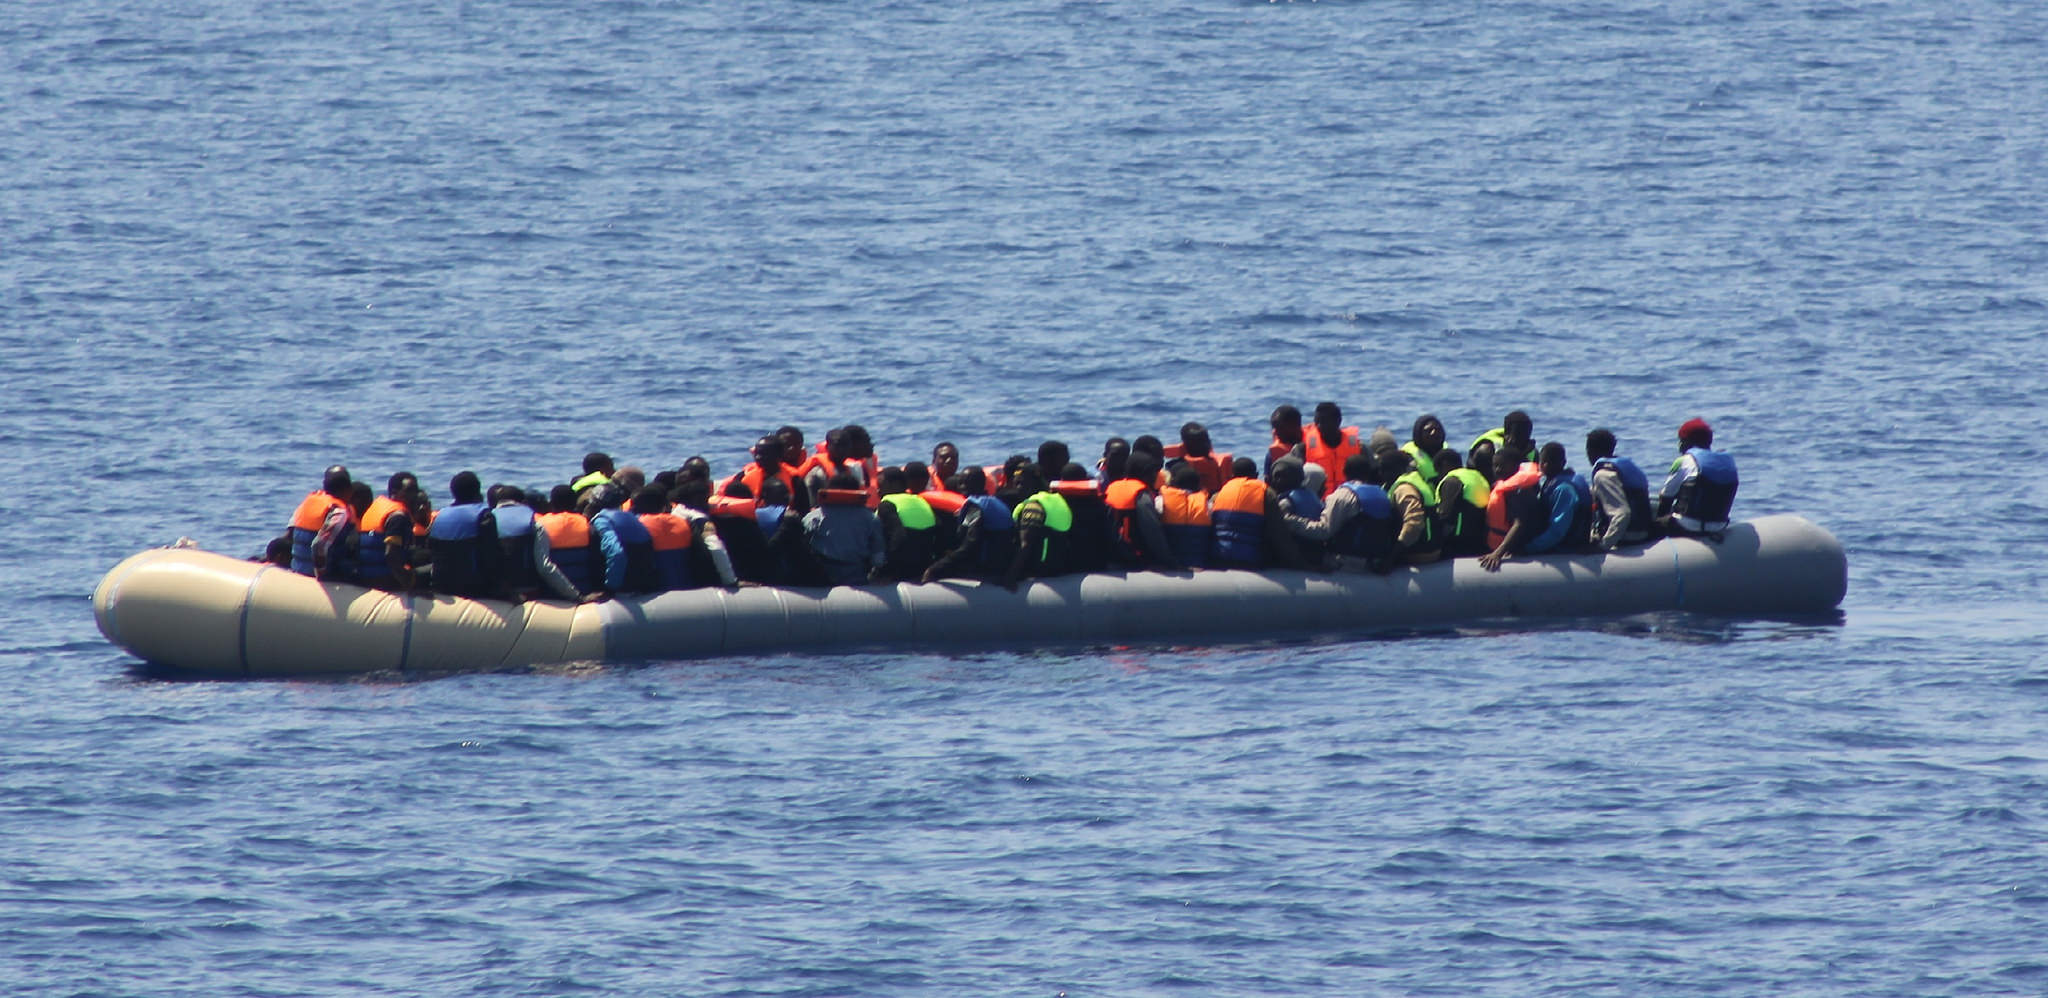 Come siamo diventati insensibili ai naufragi nel Mediterraneo